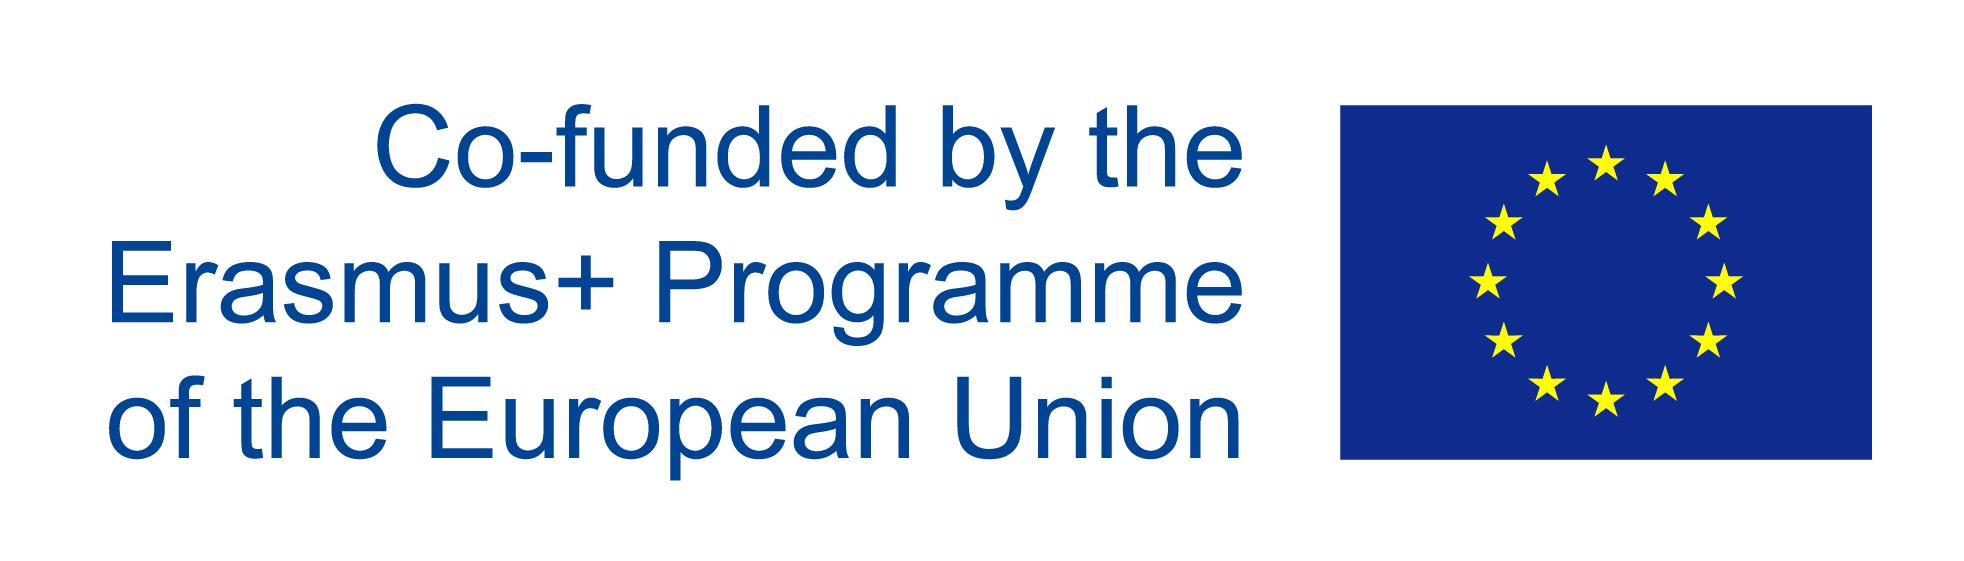 EU-cofunded